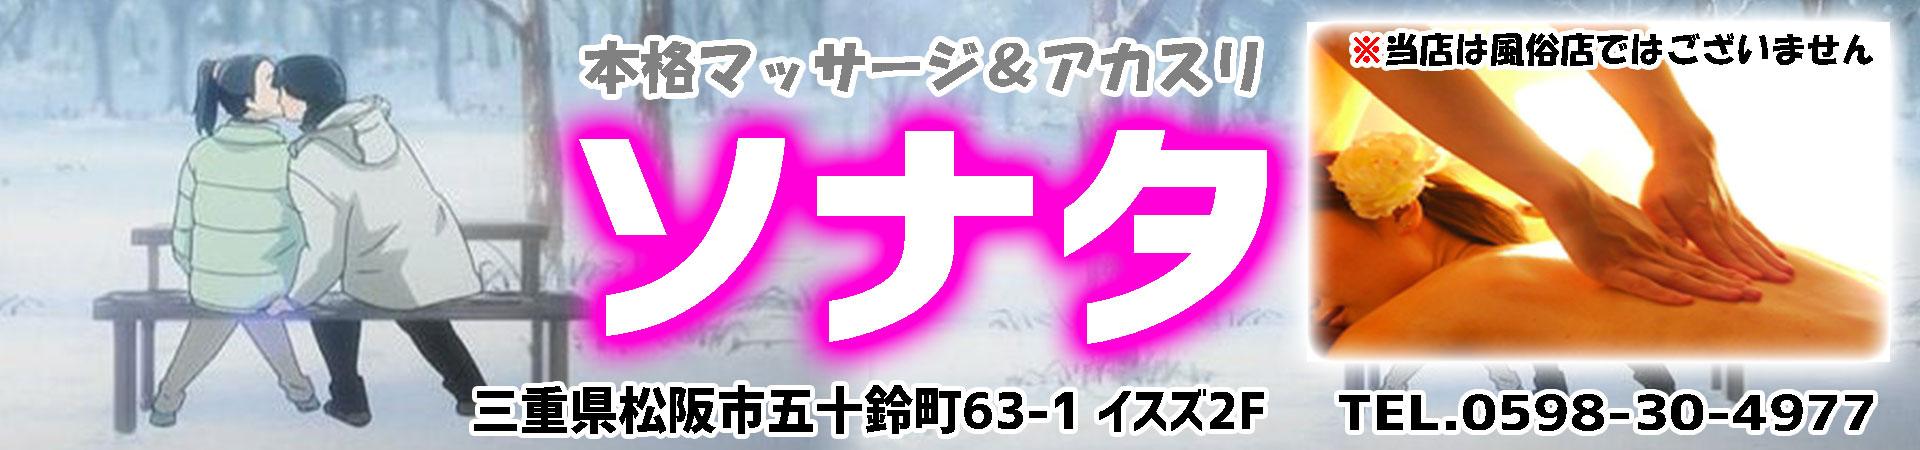 【ソナタ】松阪/三重